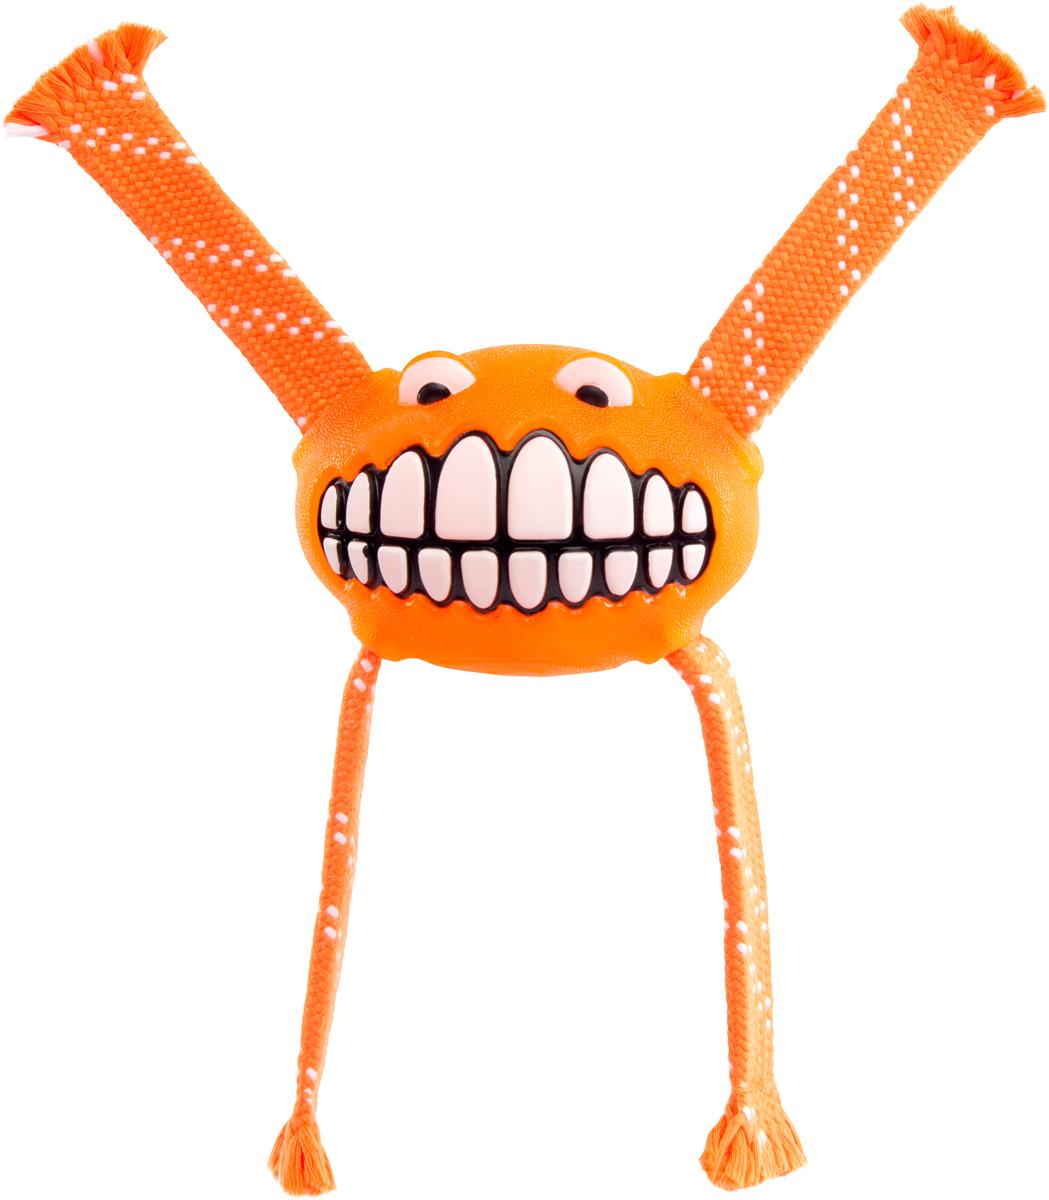 Игрушка для собак Rogz  Flossy Grinz. Зубы , цвет: оранжевый, длина 24 см - Игрушки